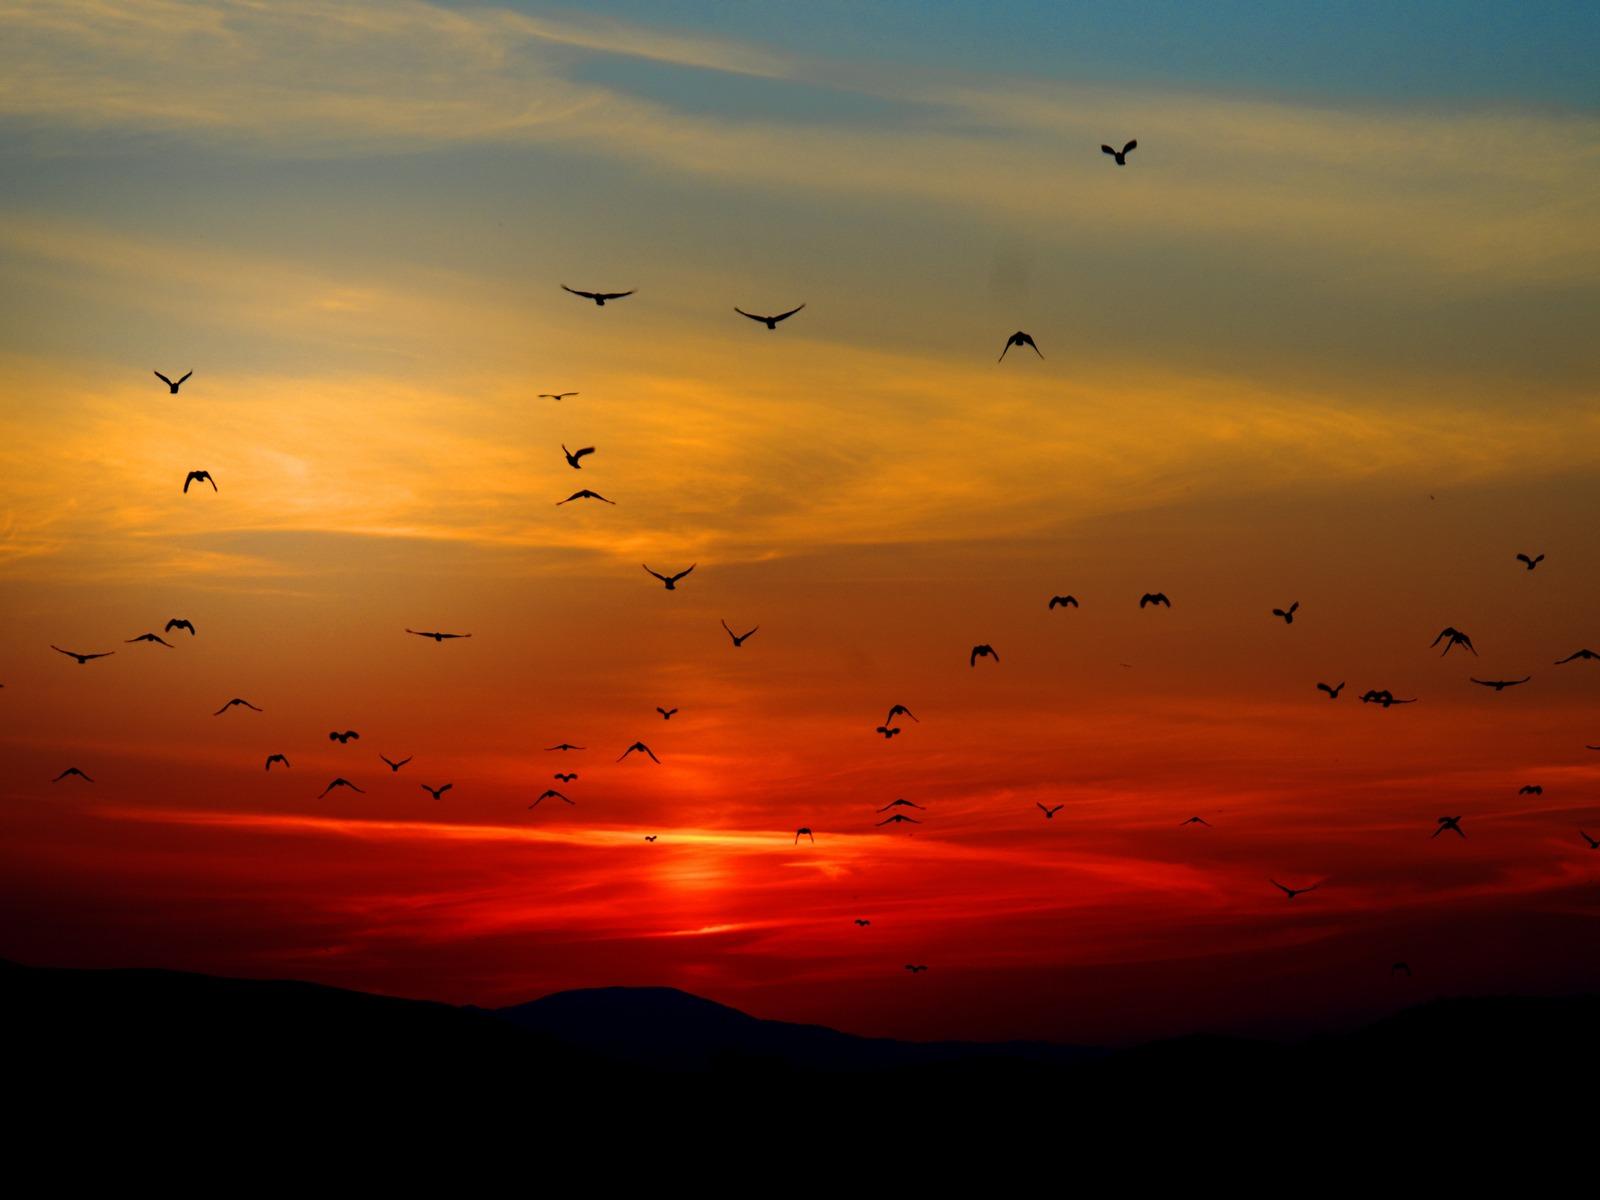 birds-flying-towards-sunset-4k-5k-38.jpg